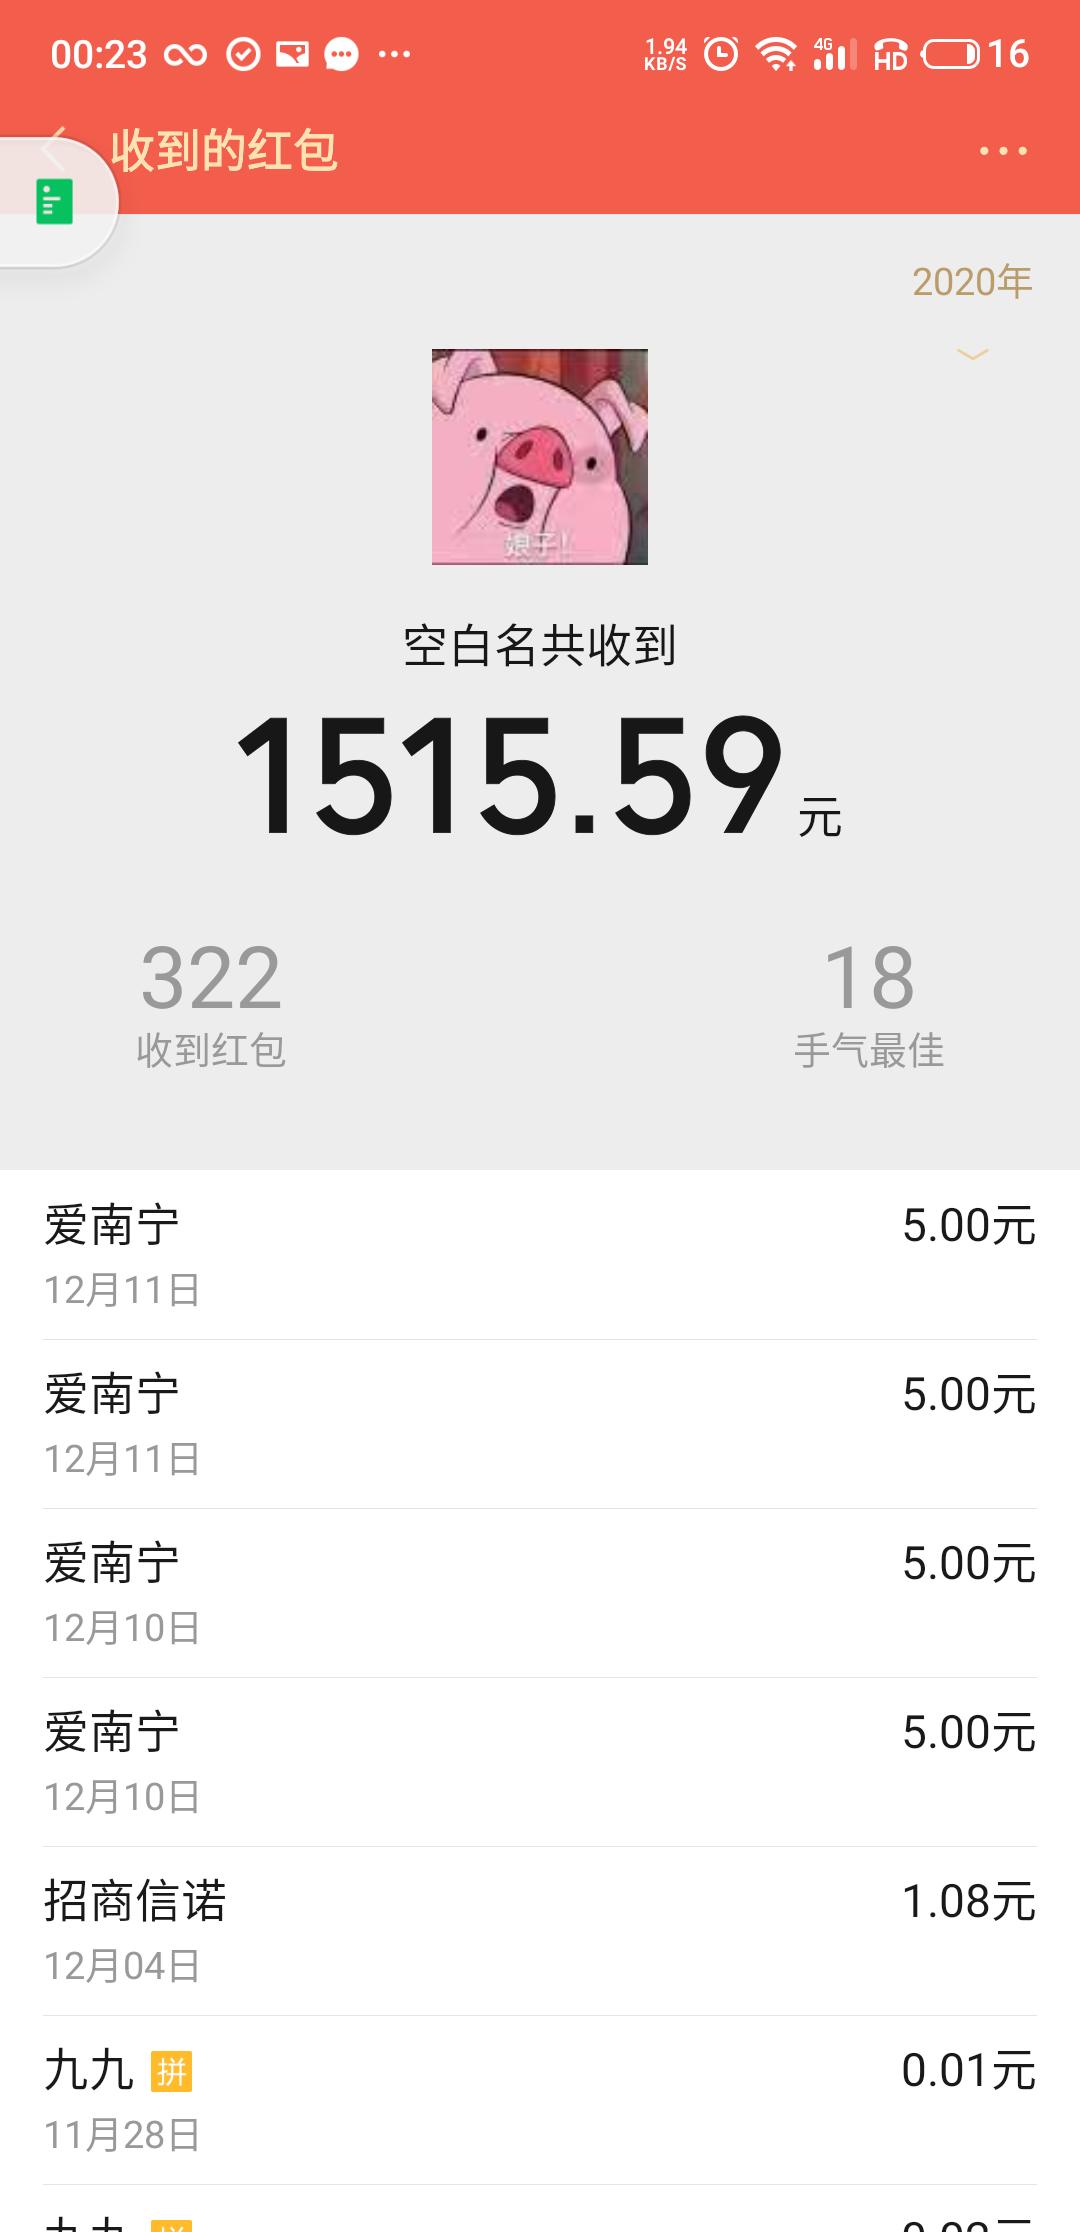 爱南宁携手光大银行秒推10元微信红包-聚合资源网